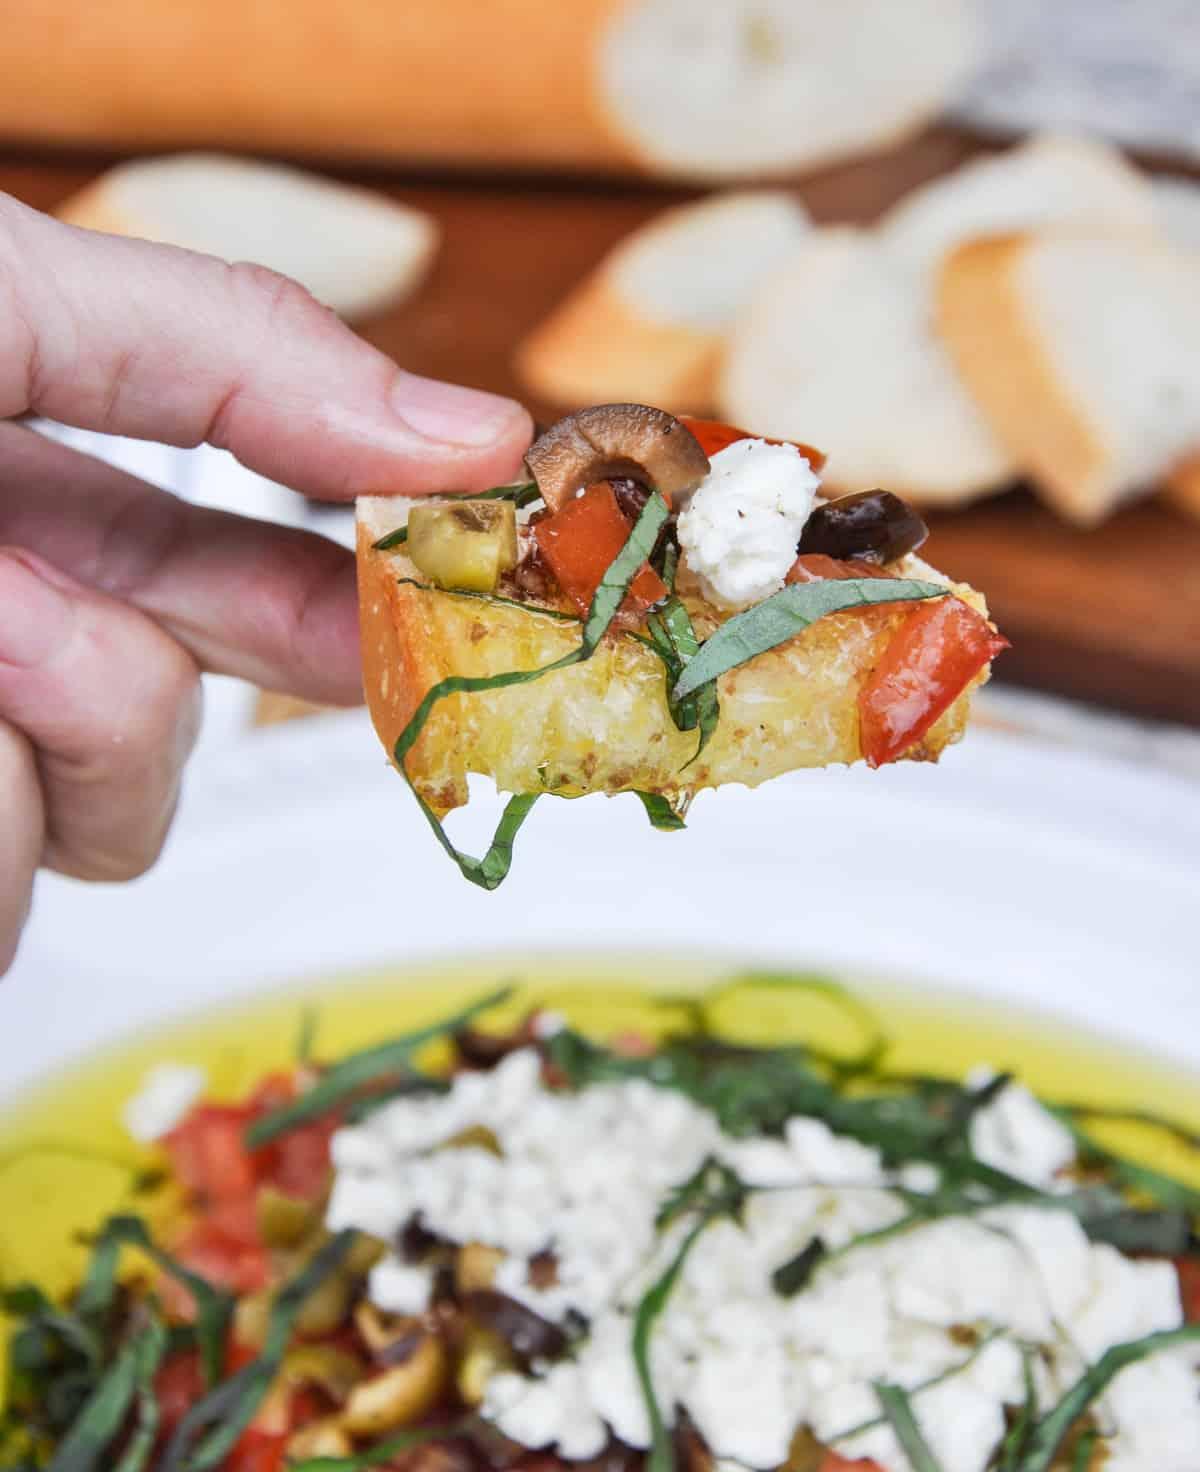 Chunky Olive Oil Dip